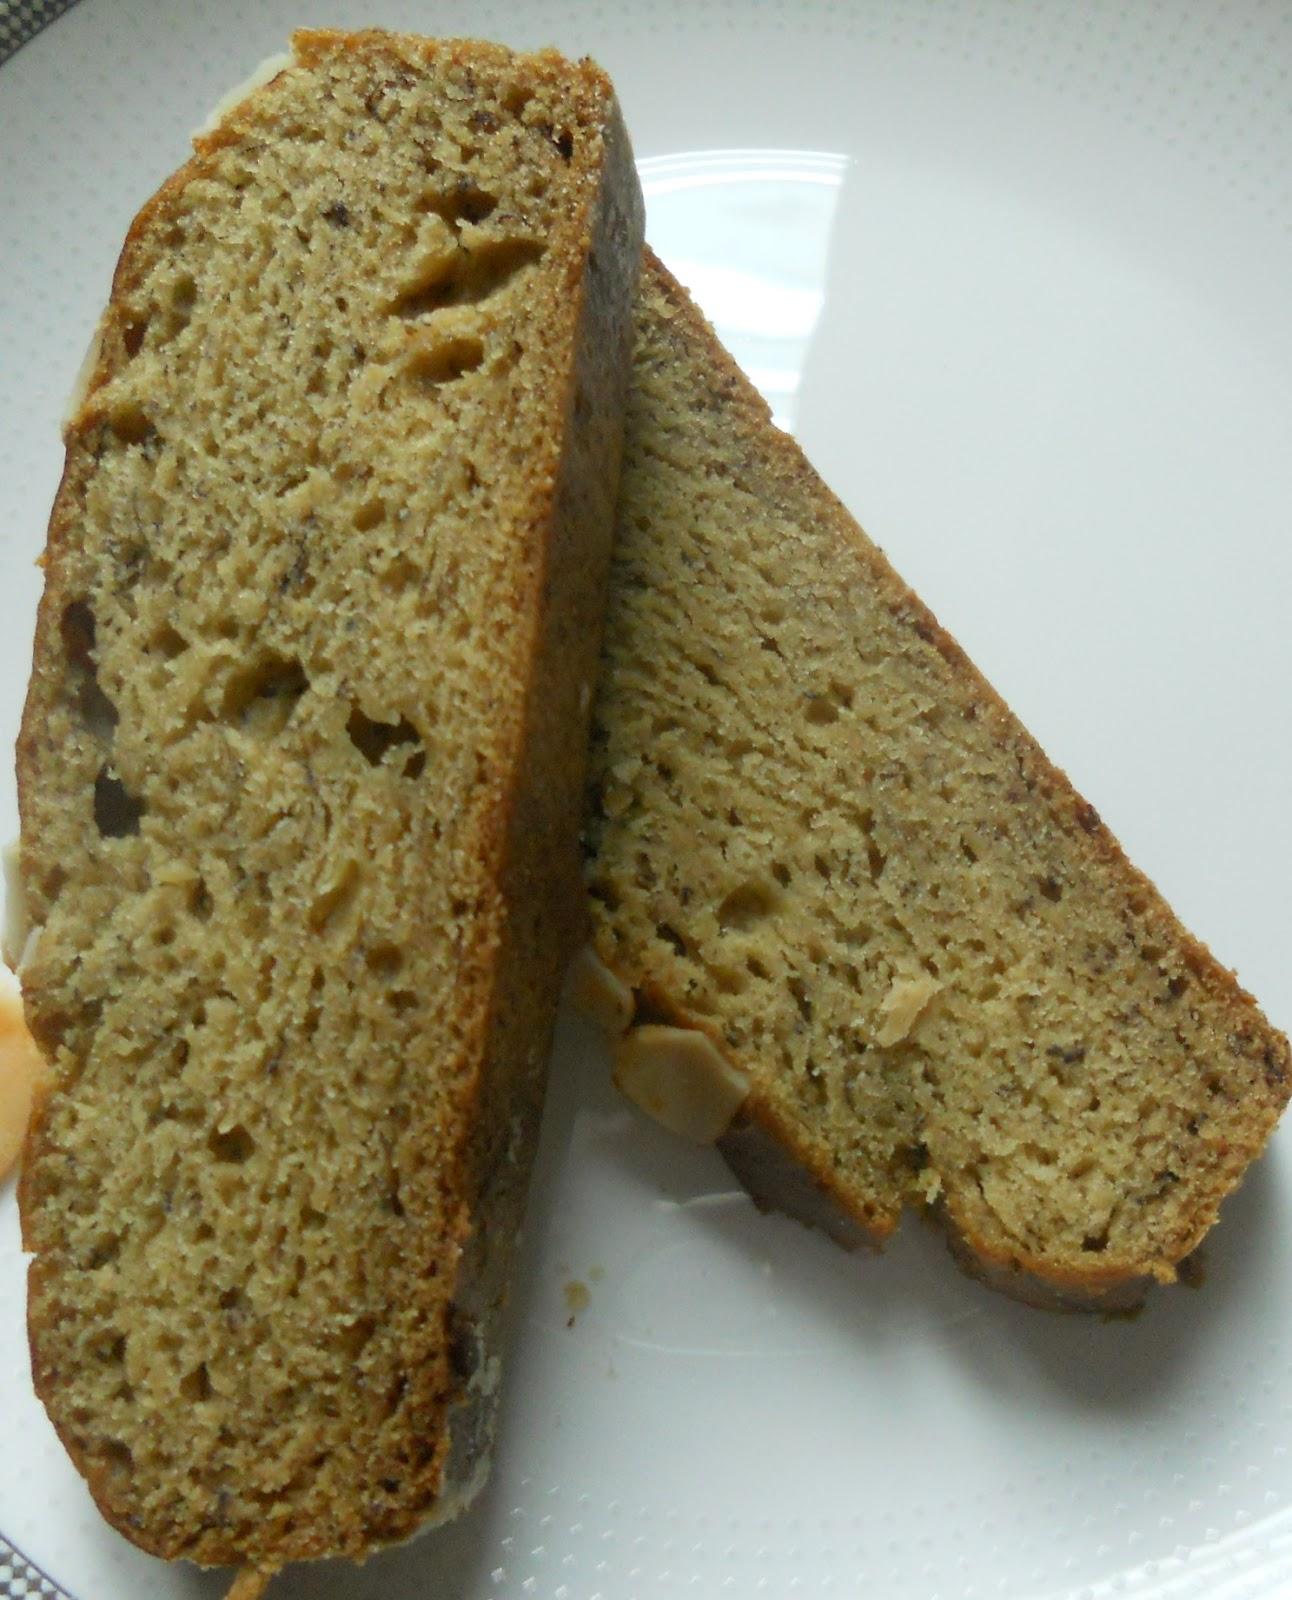 The Whole Food Diary Bananna Bread